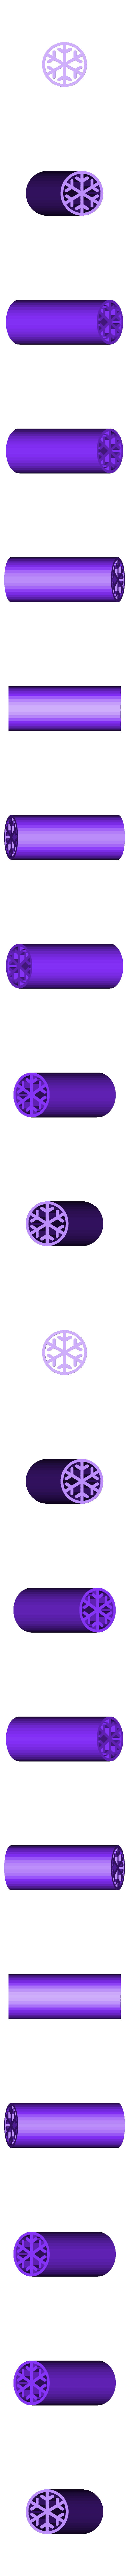 copo de nieve.STL Télécharger fichier STL 36 CONSEILS SUR LES FILTRES À MAUVAISES HERBES VOL.1+2+3+4 • Design pour impression 3D, SnakeCreations